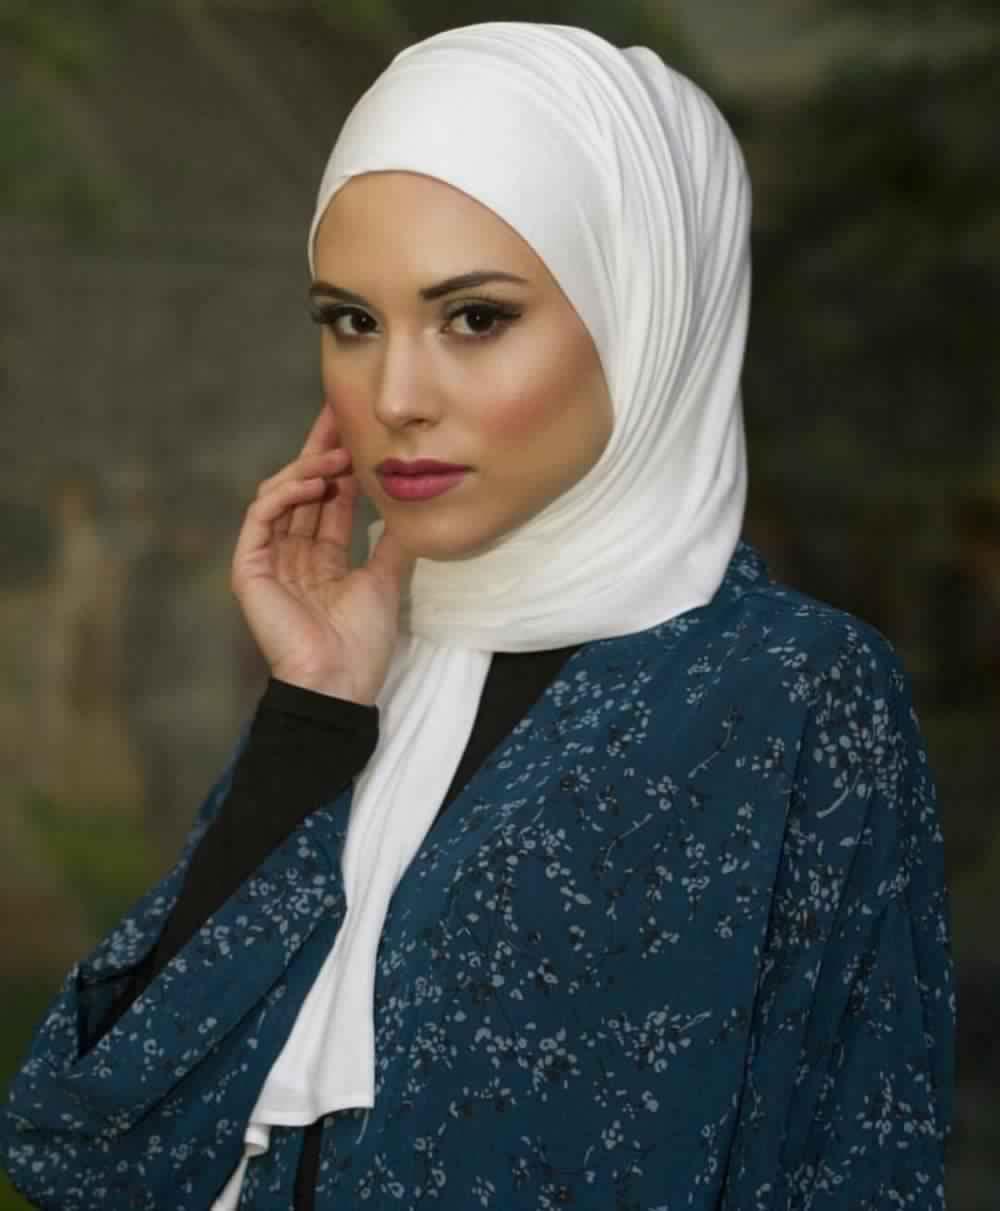 Couleurs Pour Hijab3